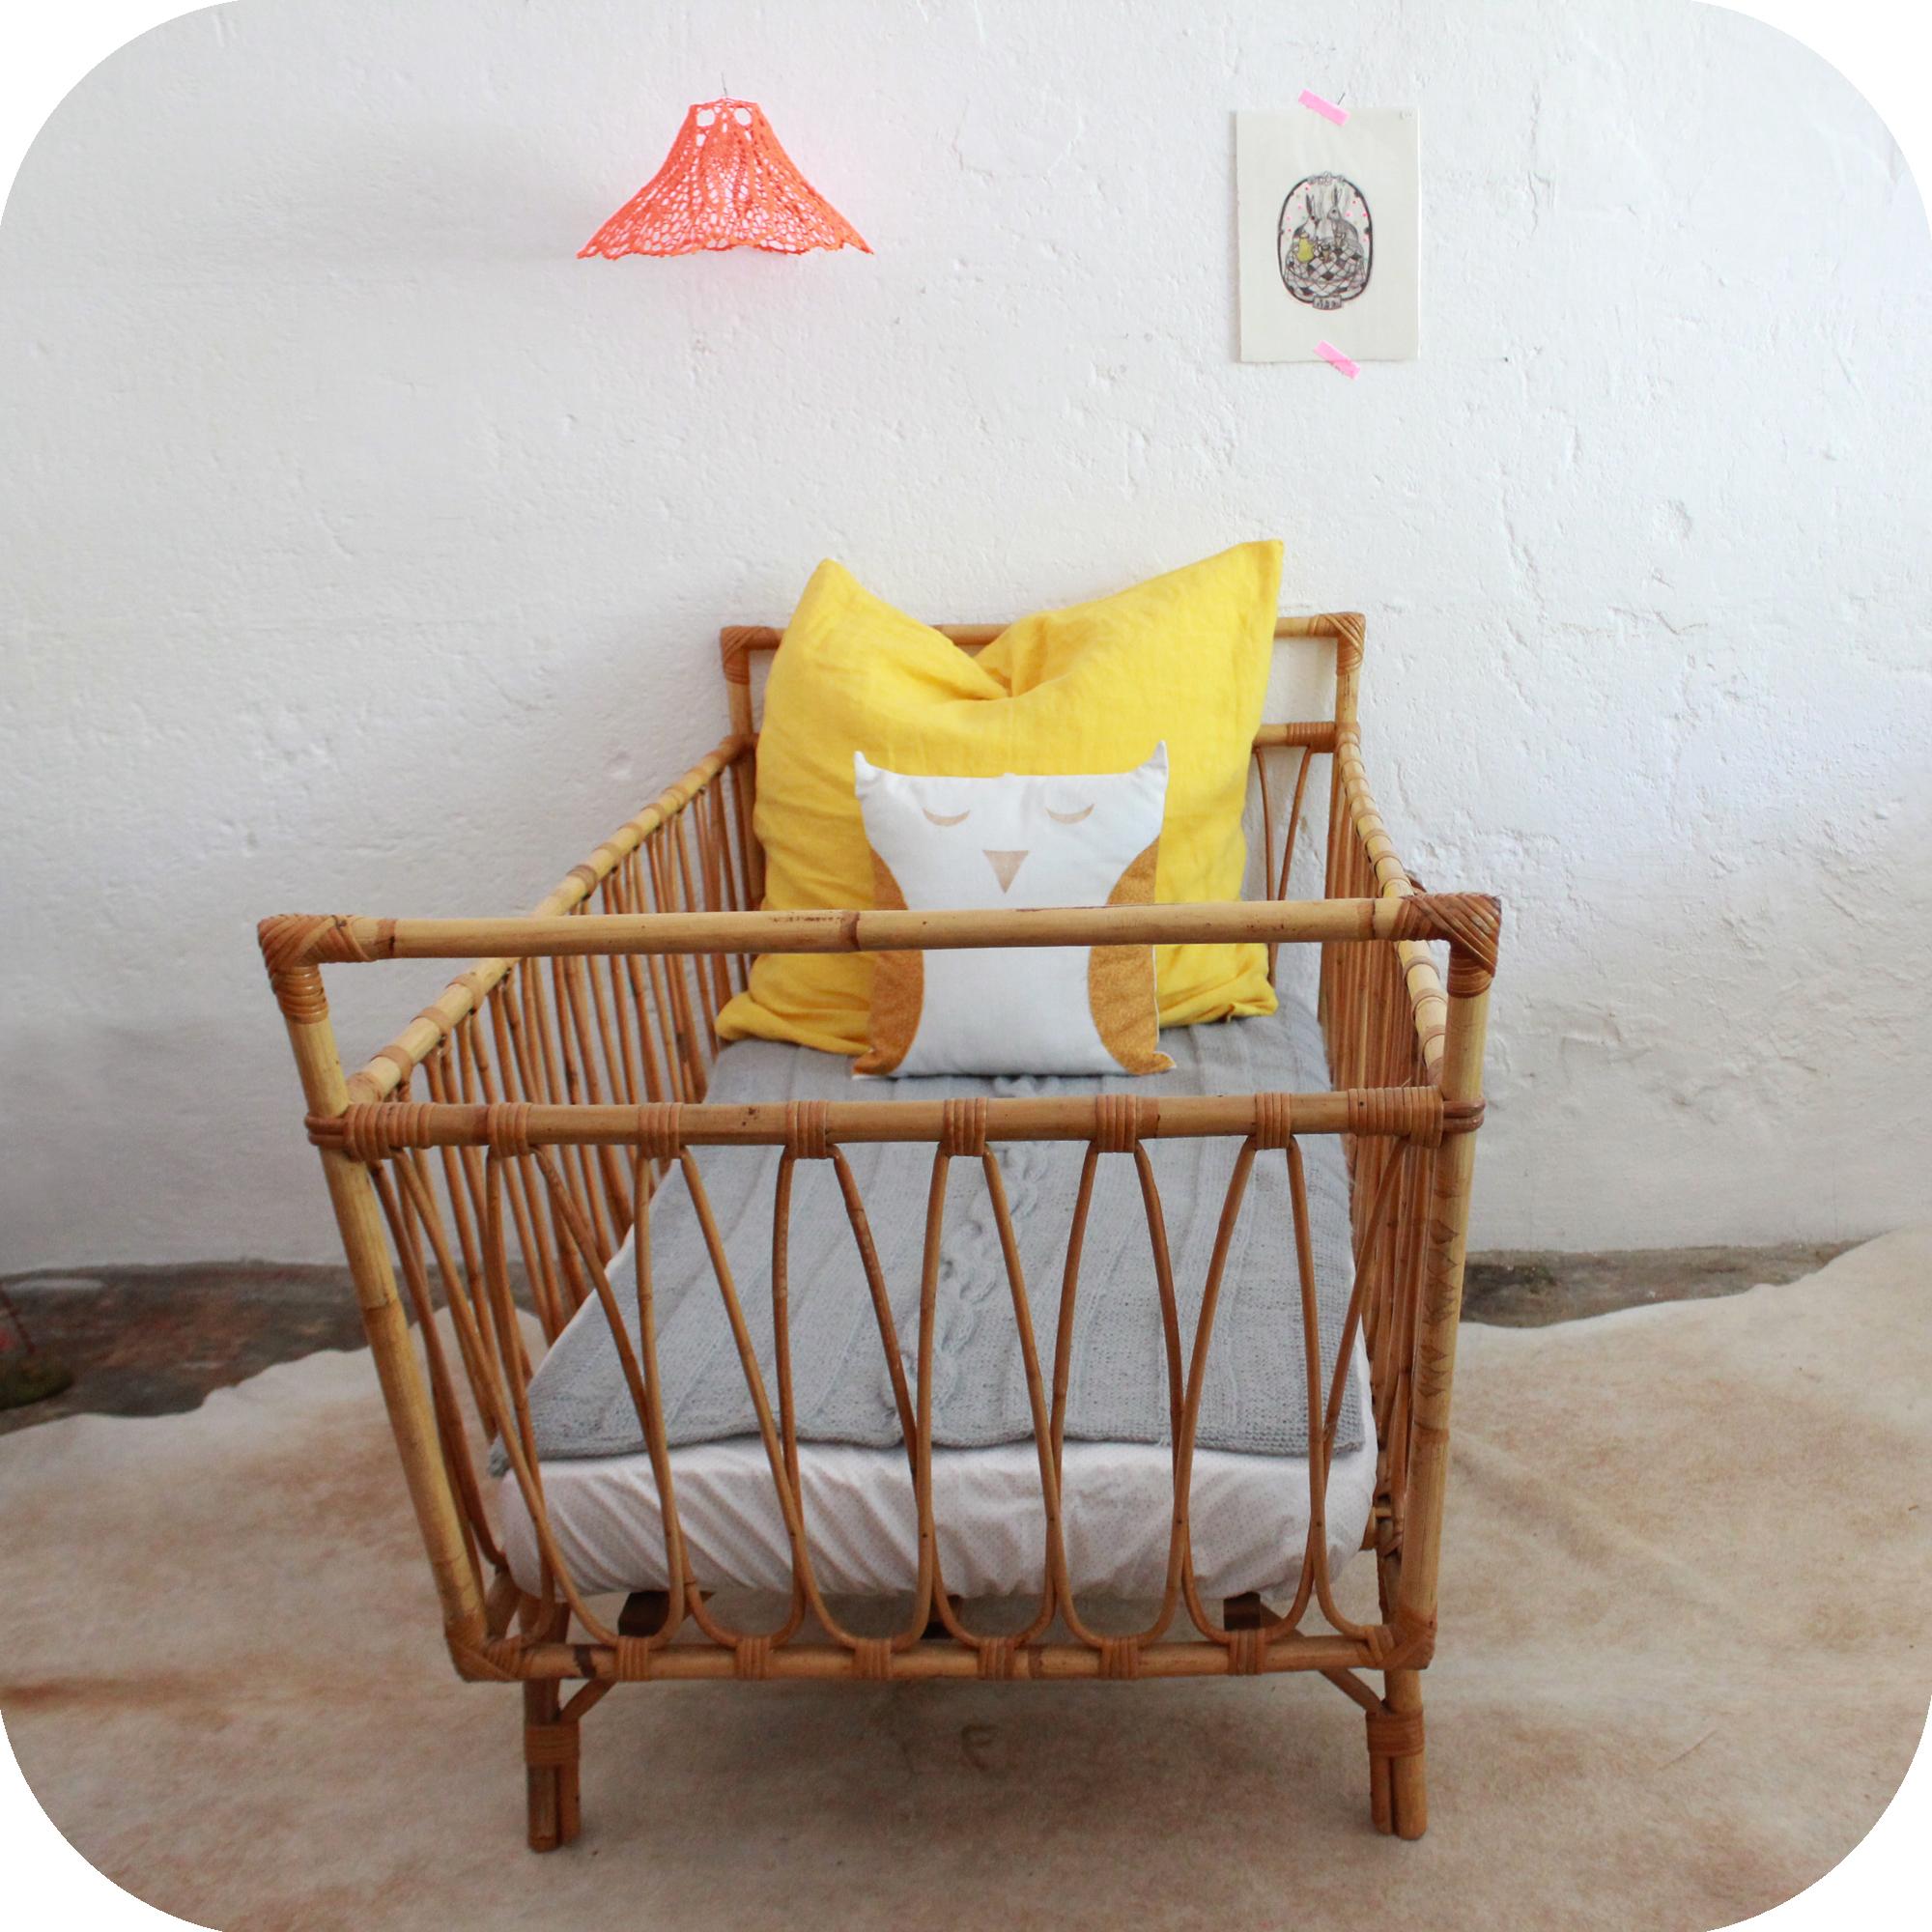 d538 mobilier vintage lit vintage enfant c atelier du petit parc. Black Bedroom Furniture Sets. Home Design Ideas